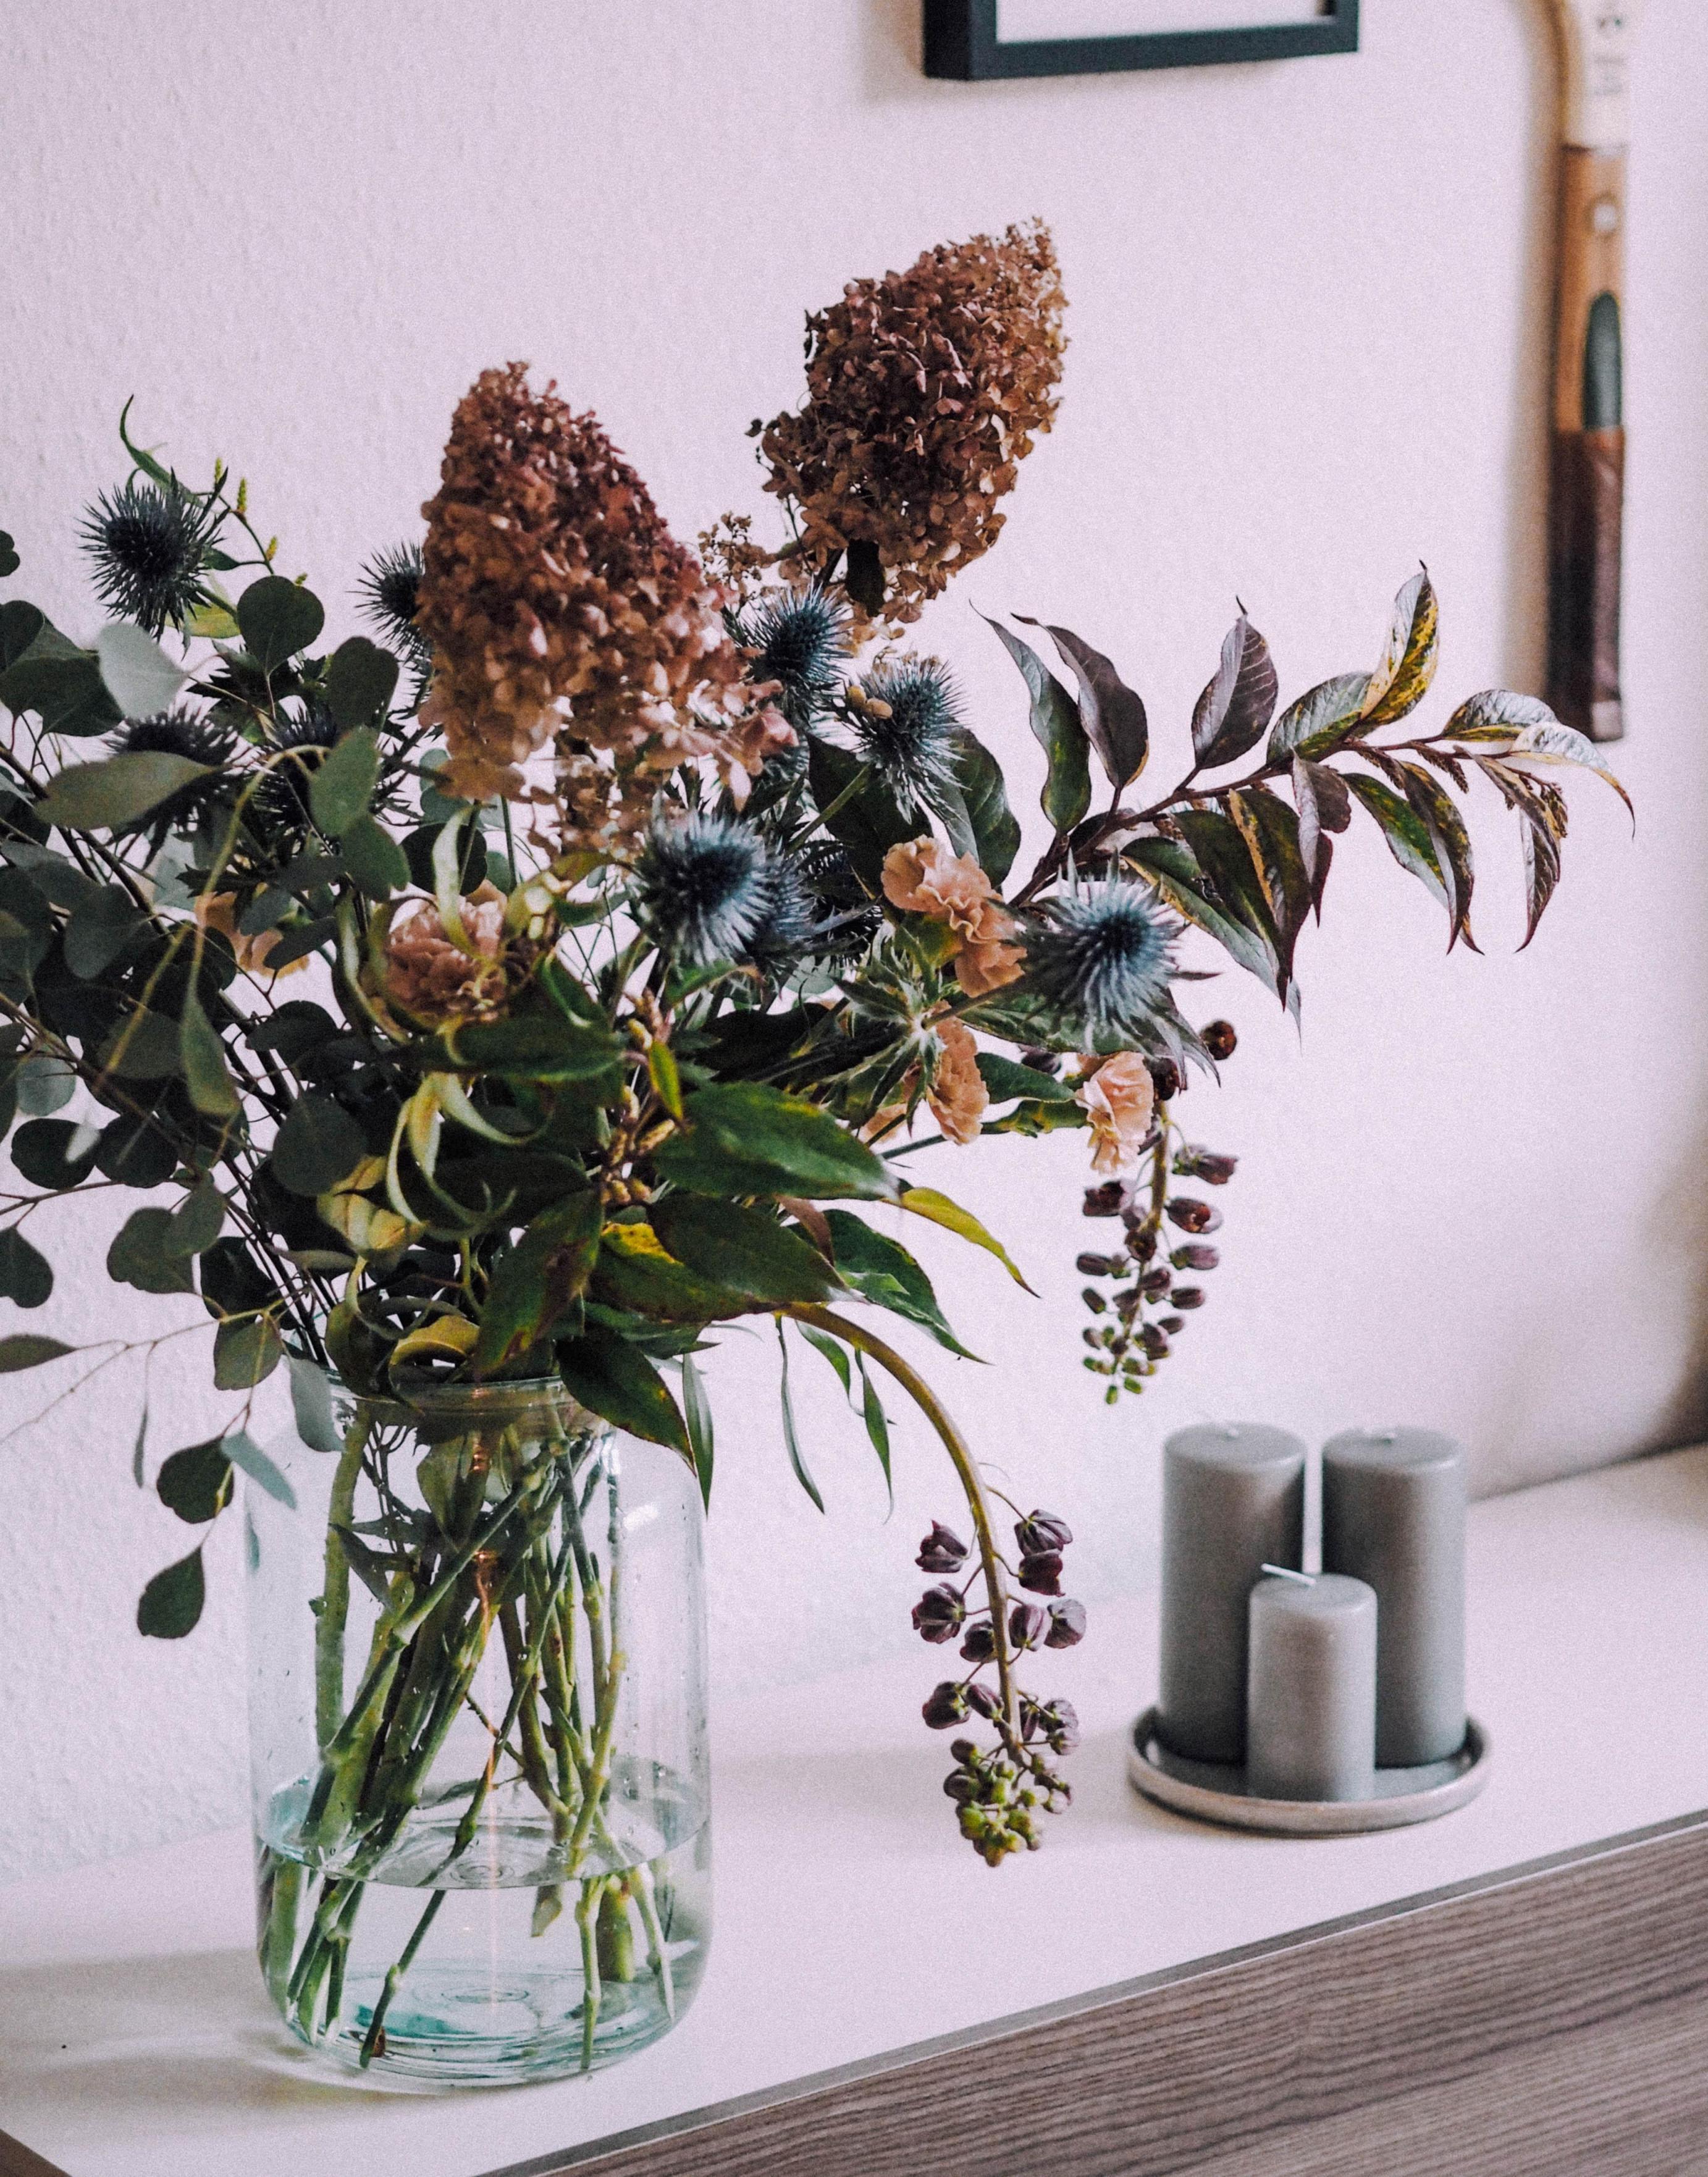 Wohnzimmerdekoideen Mach Es Dir Gemütlich von Blumen Deko Wohnzimmer Photo